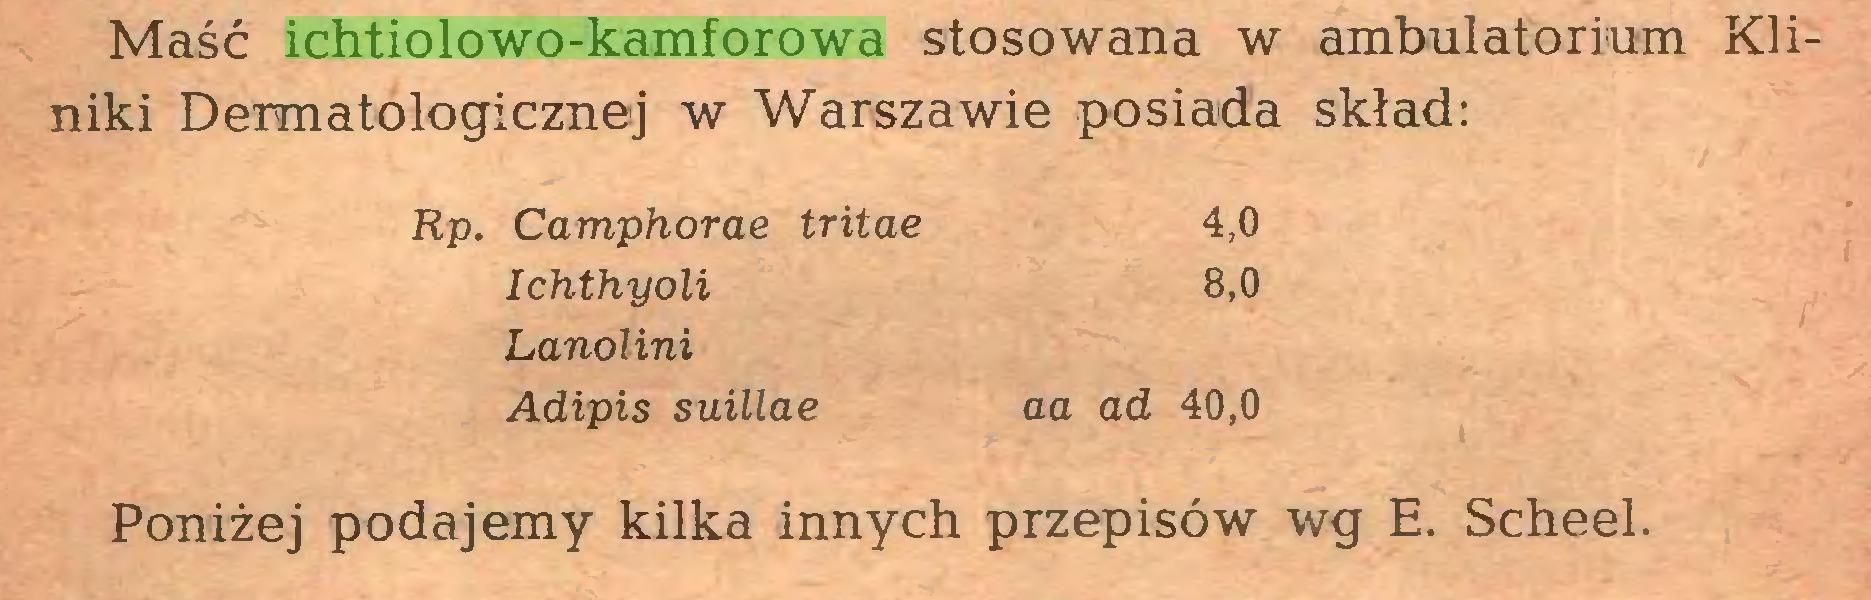 (...) Maść ichtiolowo-kamforowa stosowana w ambulatorium Kliniki Dermatologicznej w Warszawie posiada skład: Rp. Camphorae tritae 4,0 Ichthyoli 8,0 Lanolini Adipis suillae aa ad 40,0 Poniżej podajemy kilka innych przepisów wg E. Scheel...